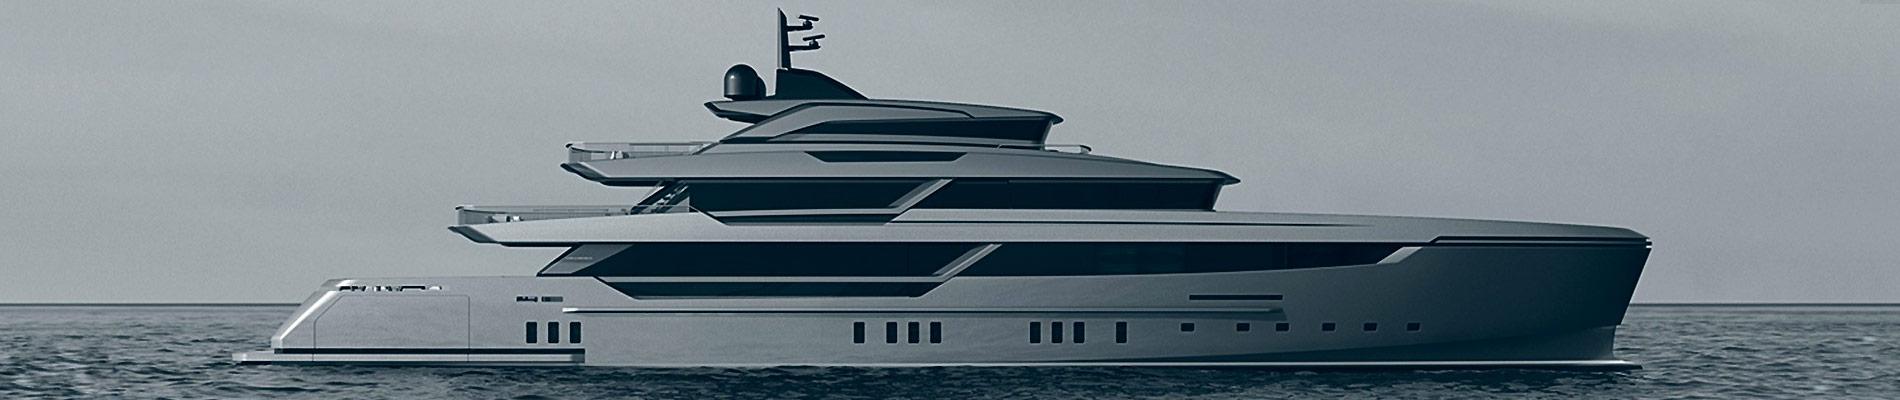 sanlorenzo-yacht-copertina